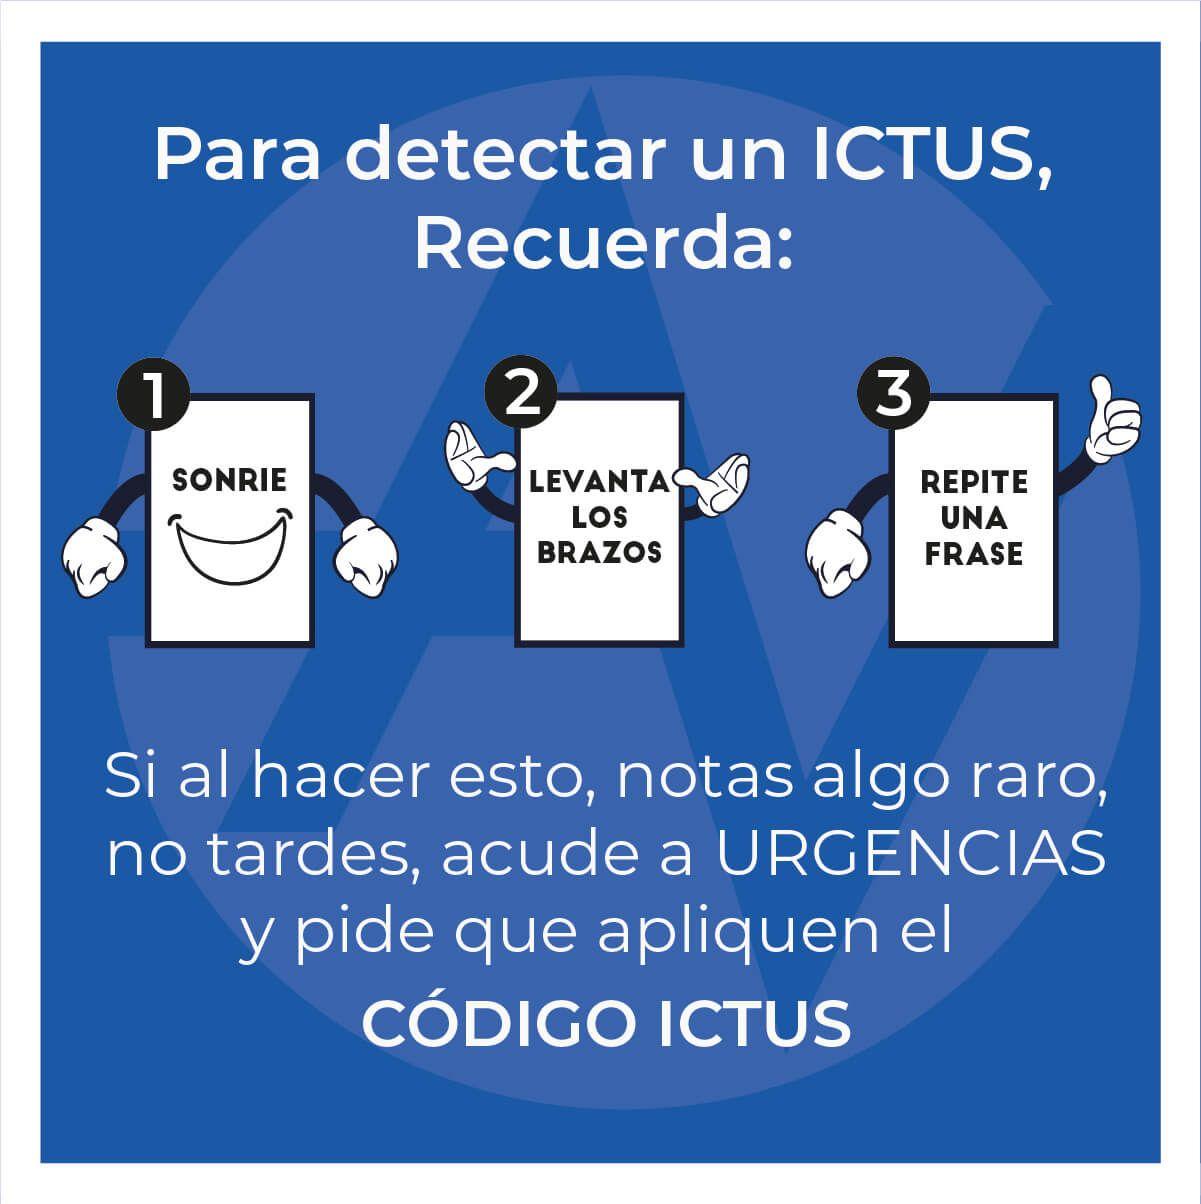 Códicgo ICTUS